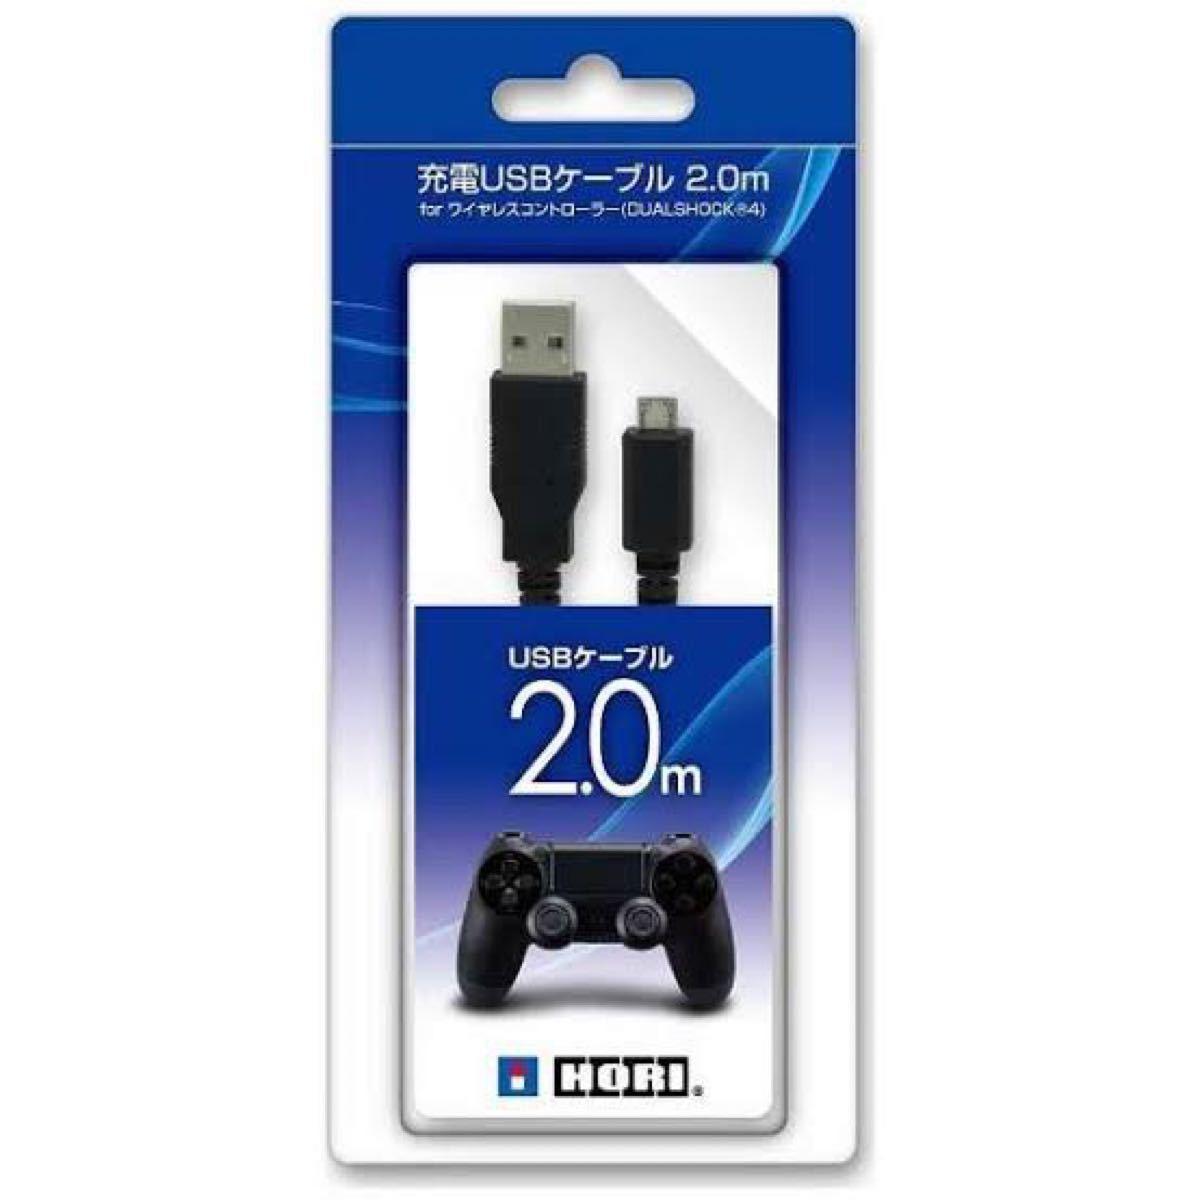 PS4 ワイヤレスコントローラー Dualshock4/新品純正GALAXYフリーク&HORI USBケーブル付き